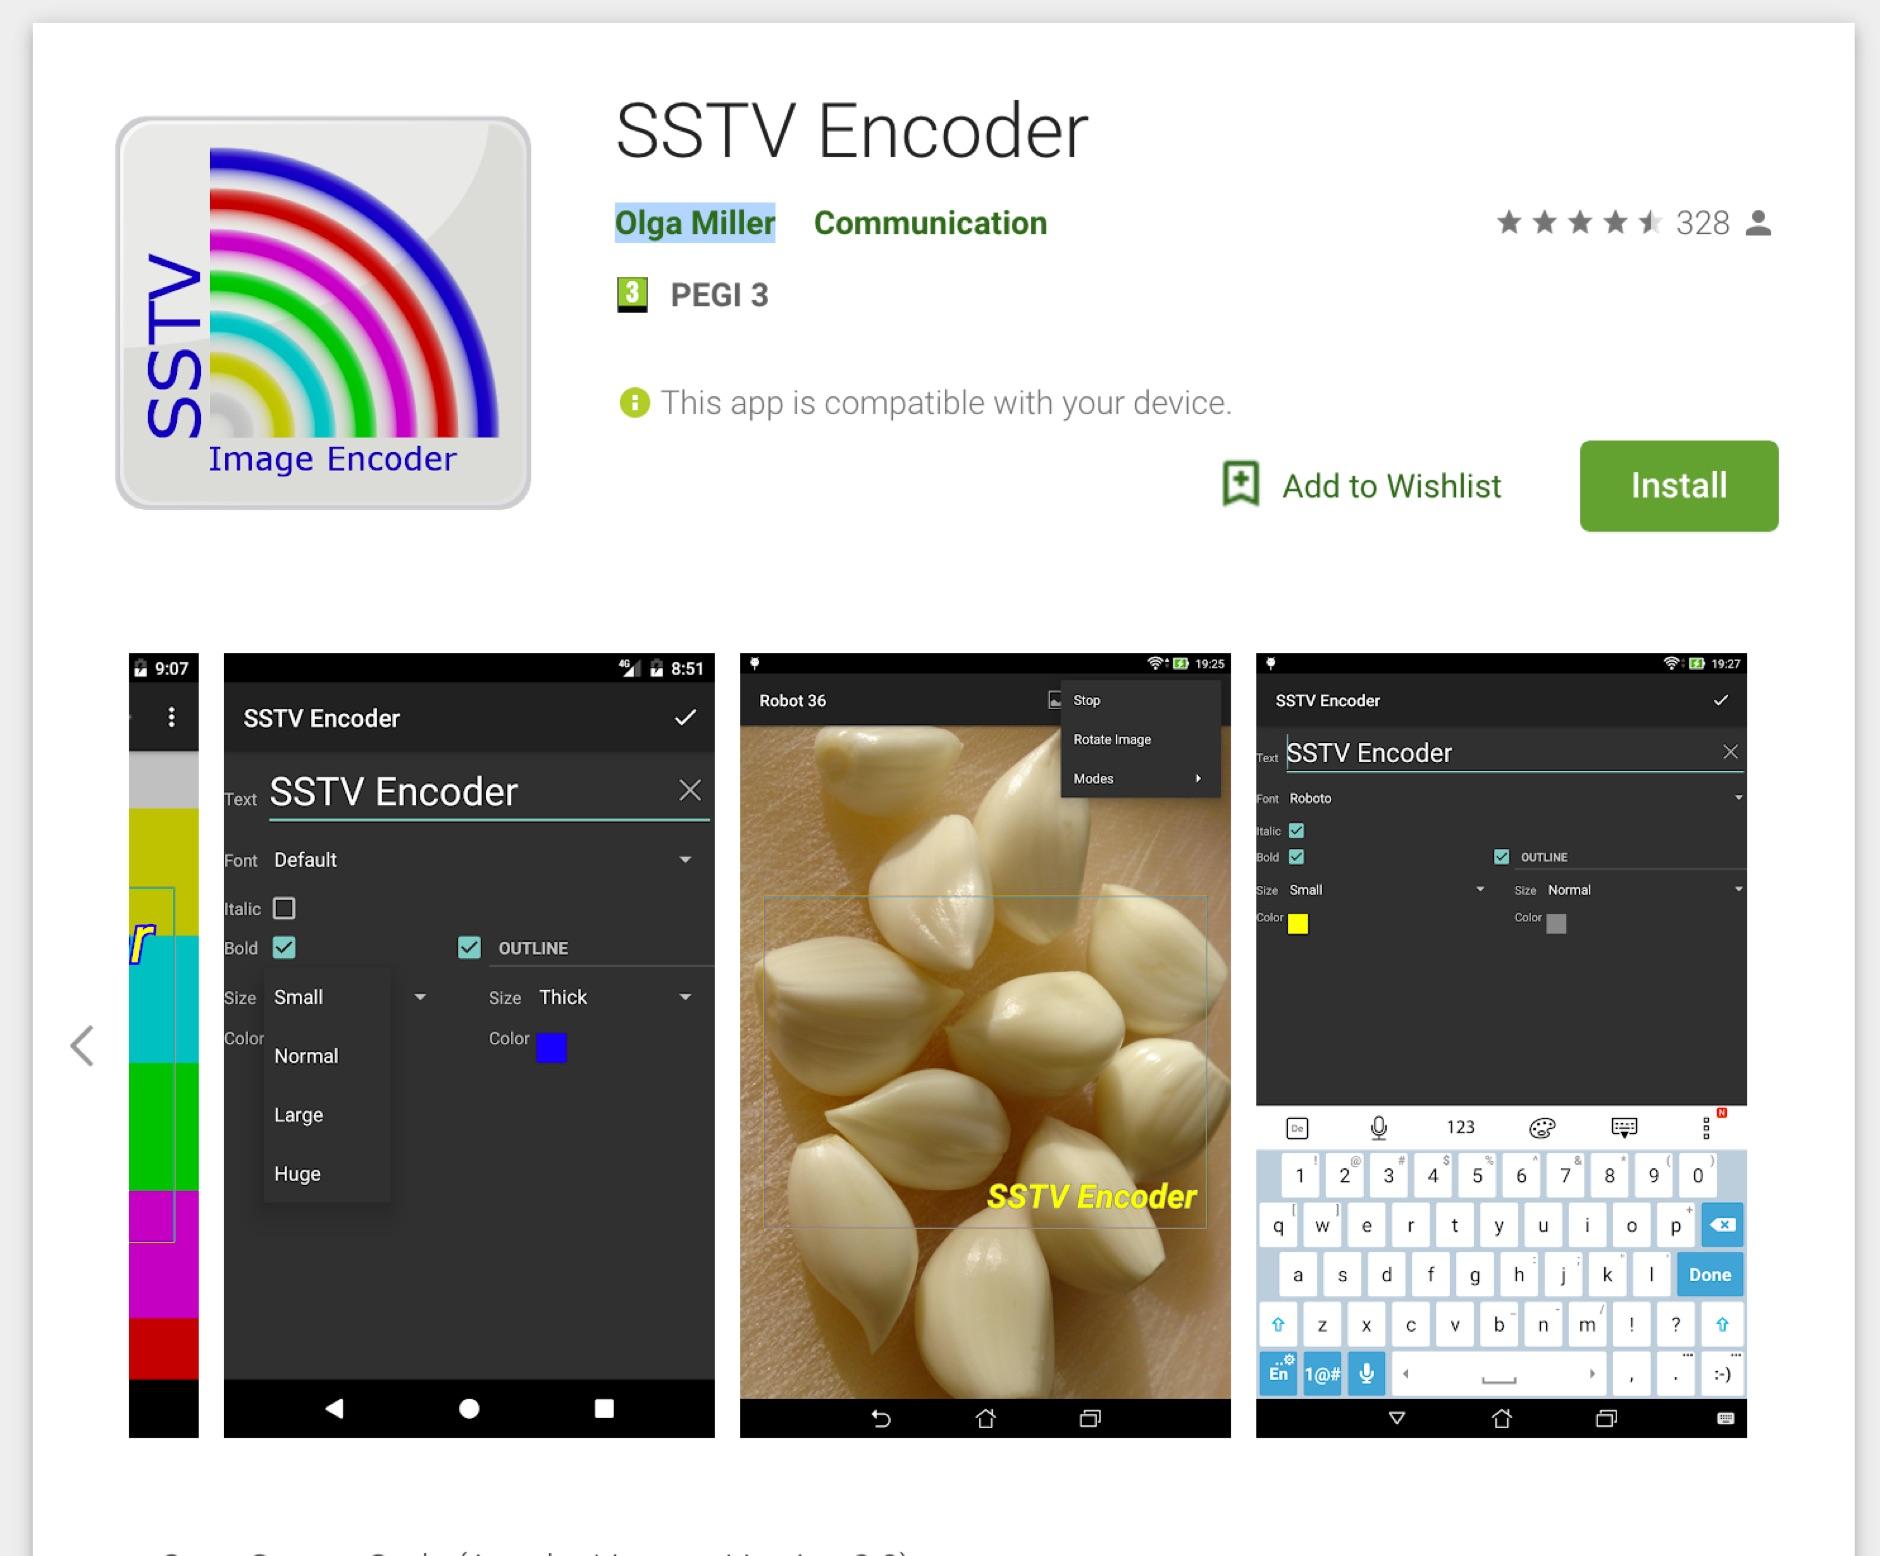 SSTV Encoder for Android